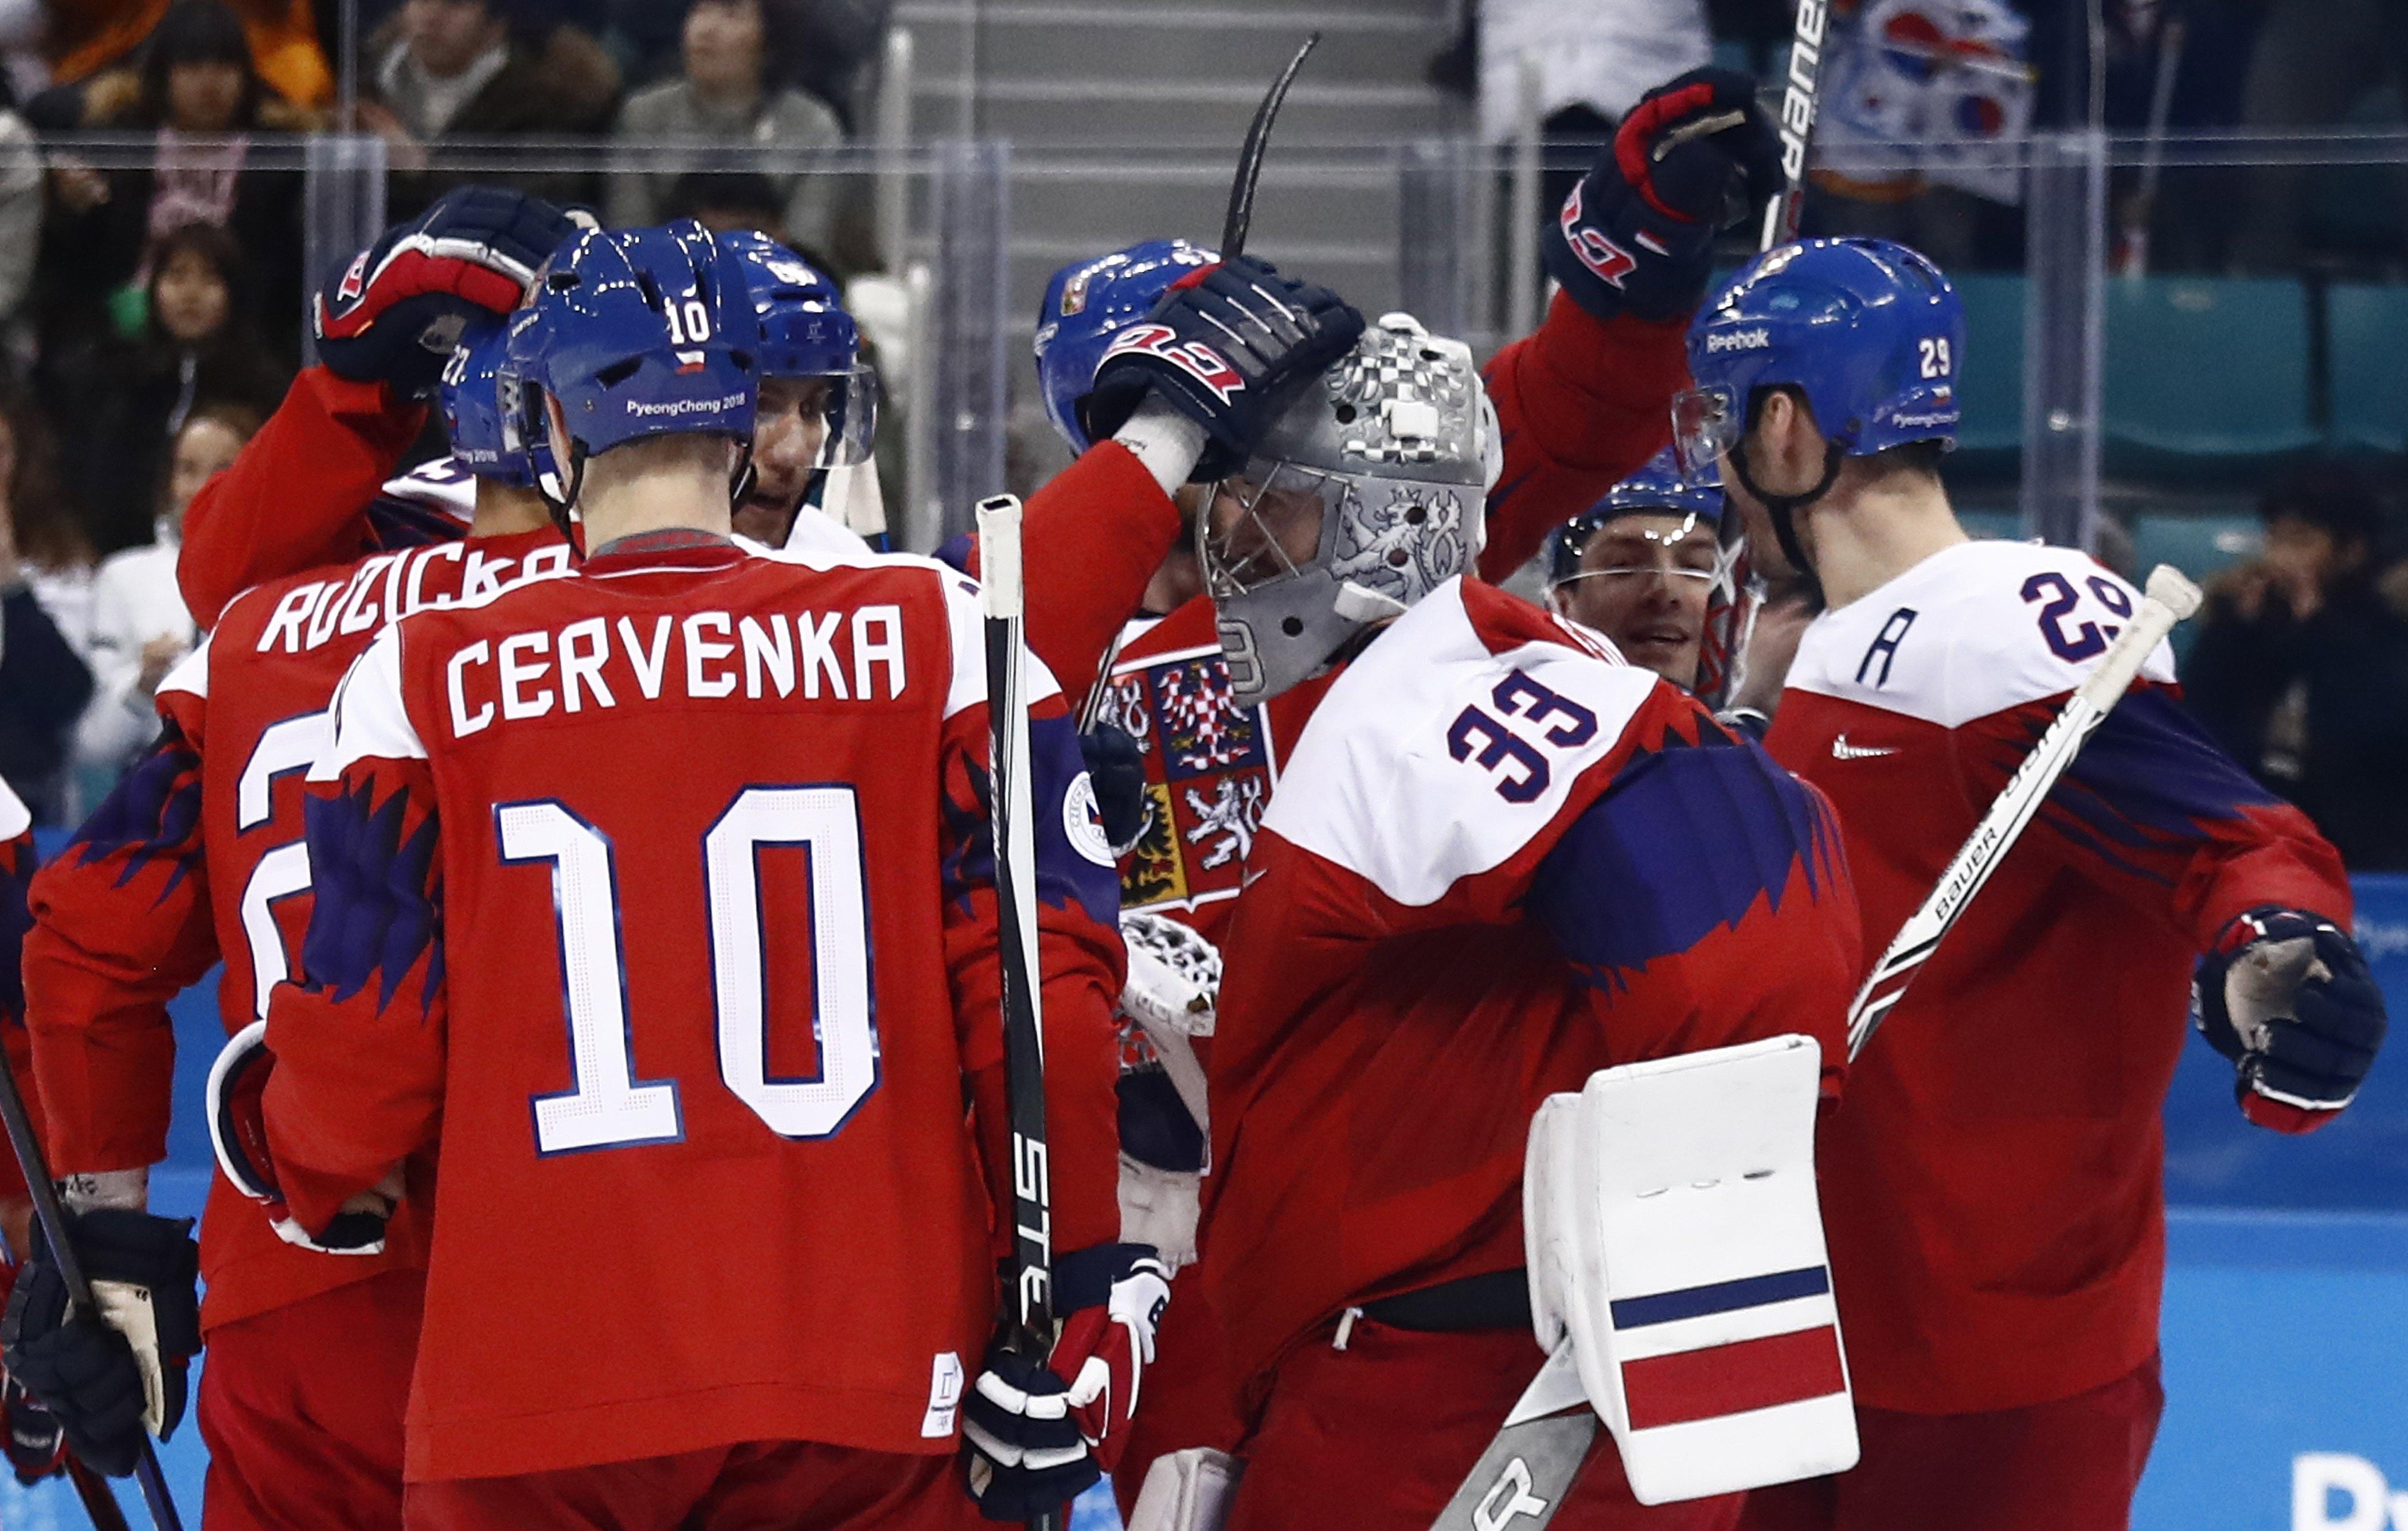 ZOI 2018.: Švedski hokejaši stopostotni, i Kanada izravno u četvrtfinalu